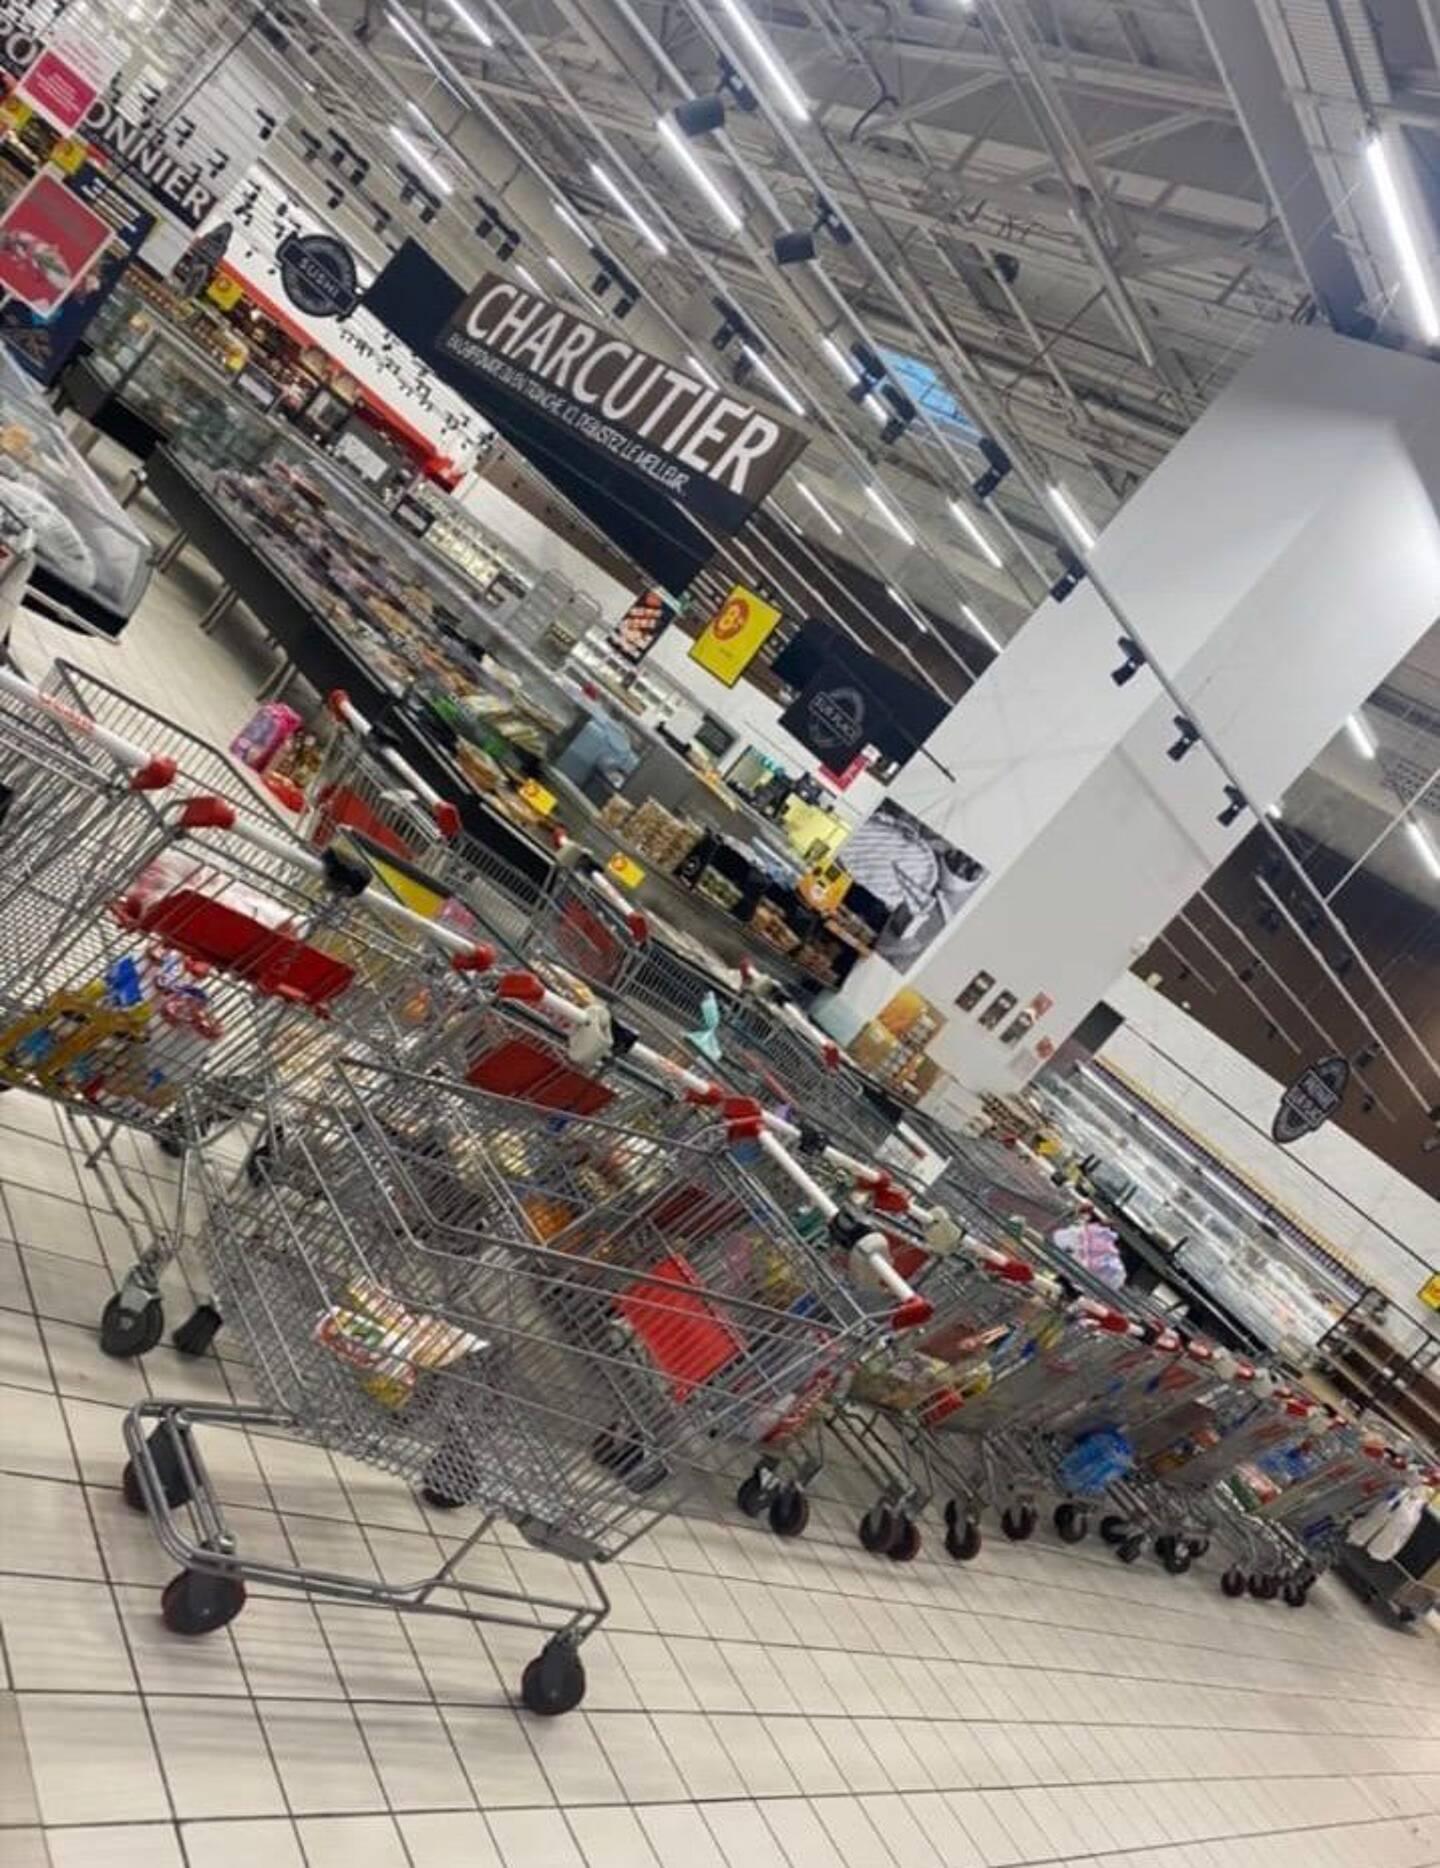 Les clients ont laissé les chariots n'importe où dans le magasin.